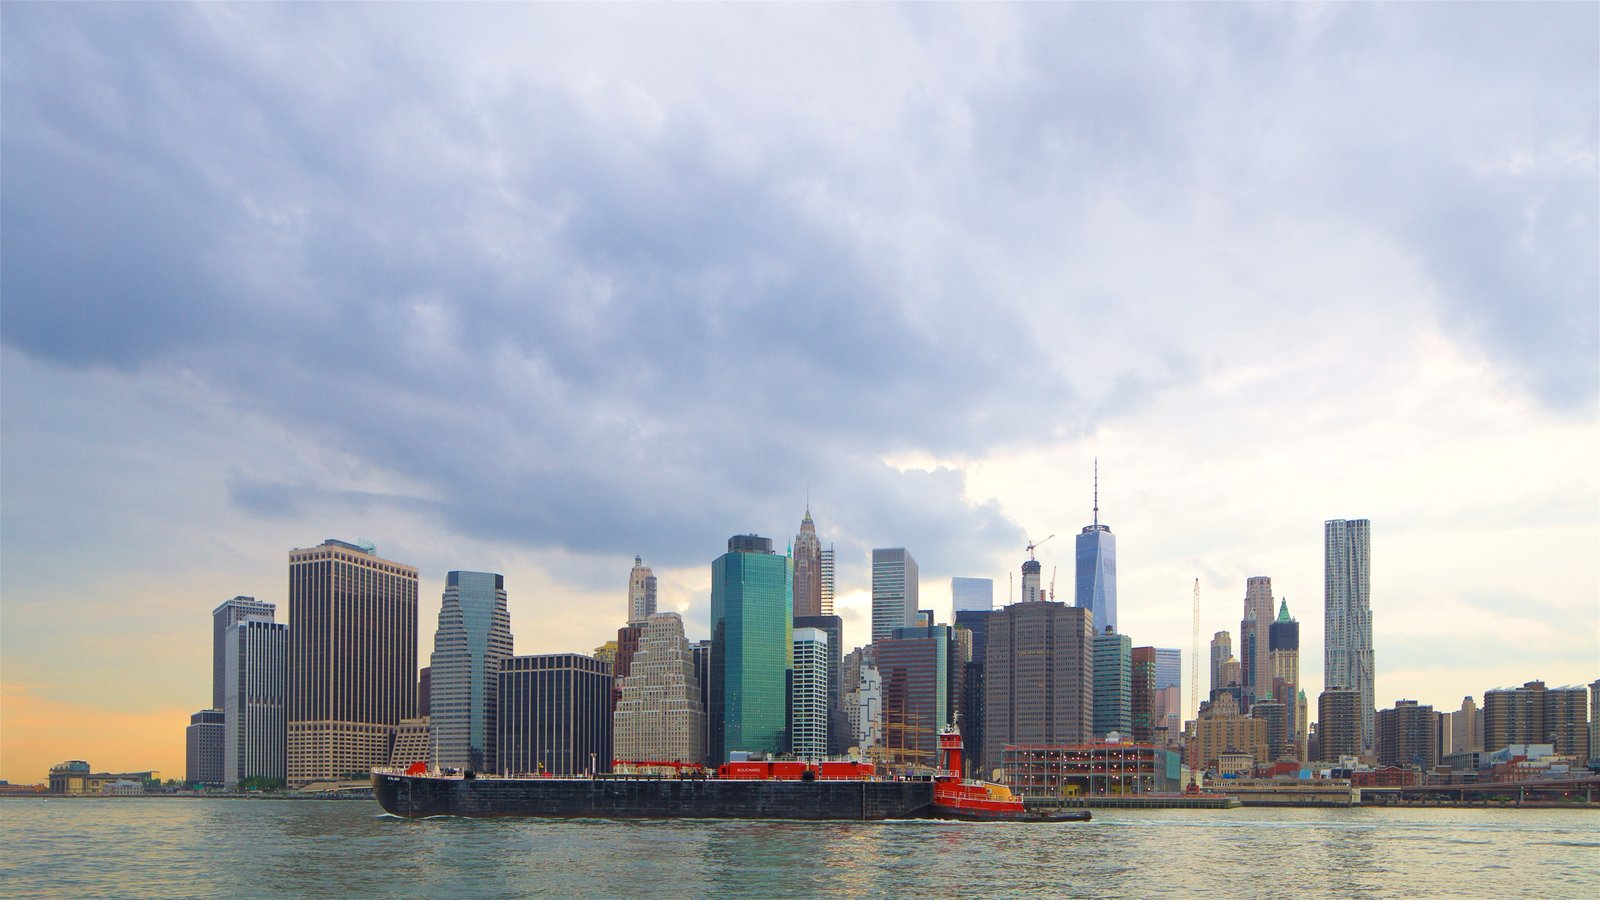 Brooklyn Heights Promenade que inclui um rio ou córrego e uma cidade